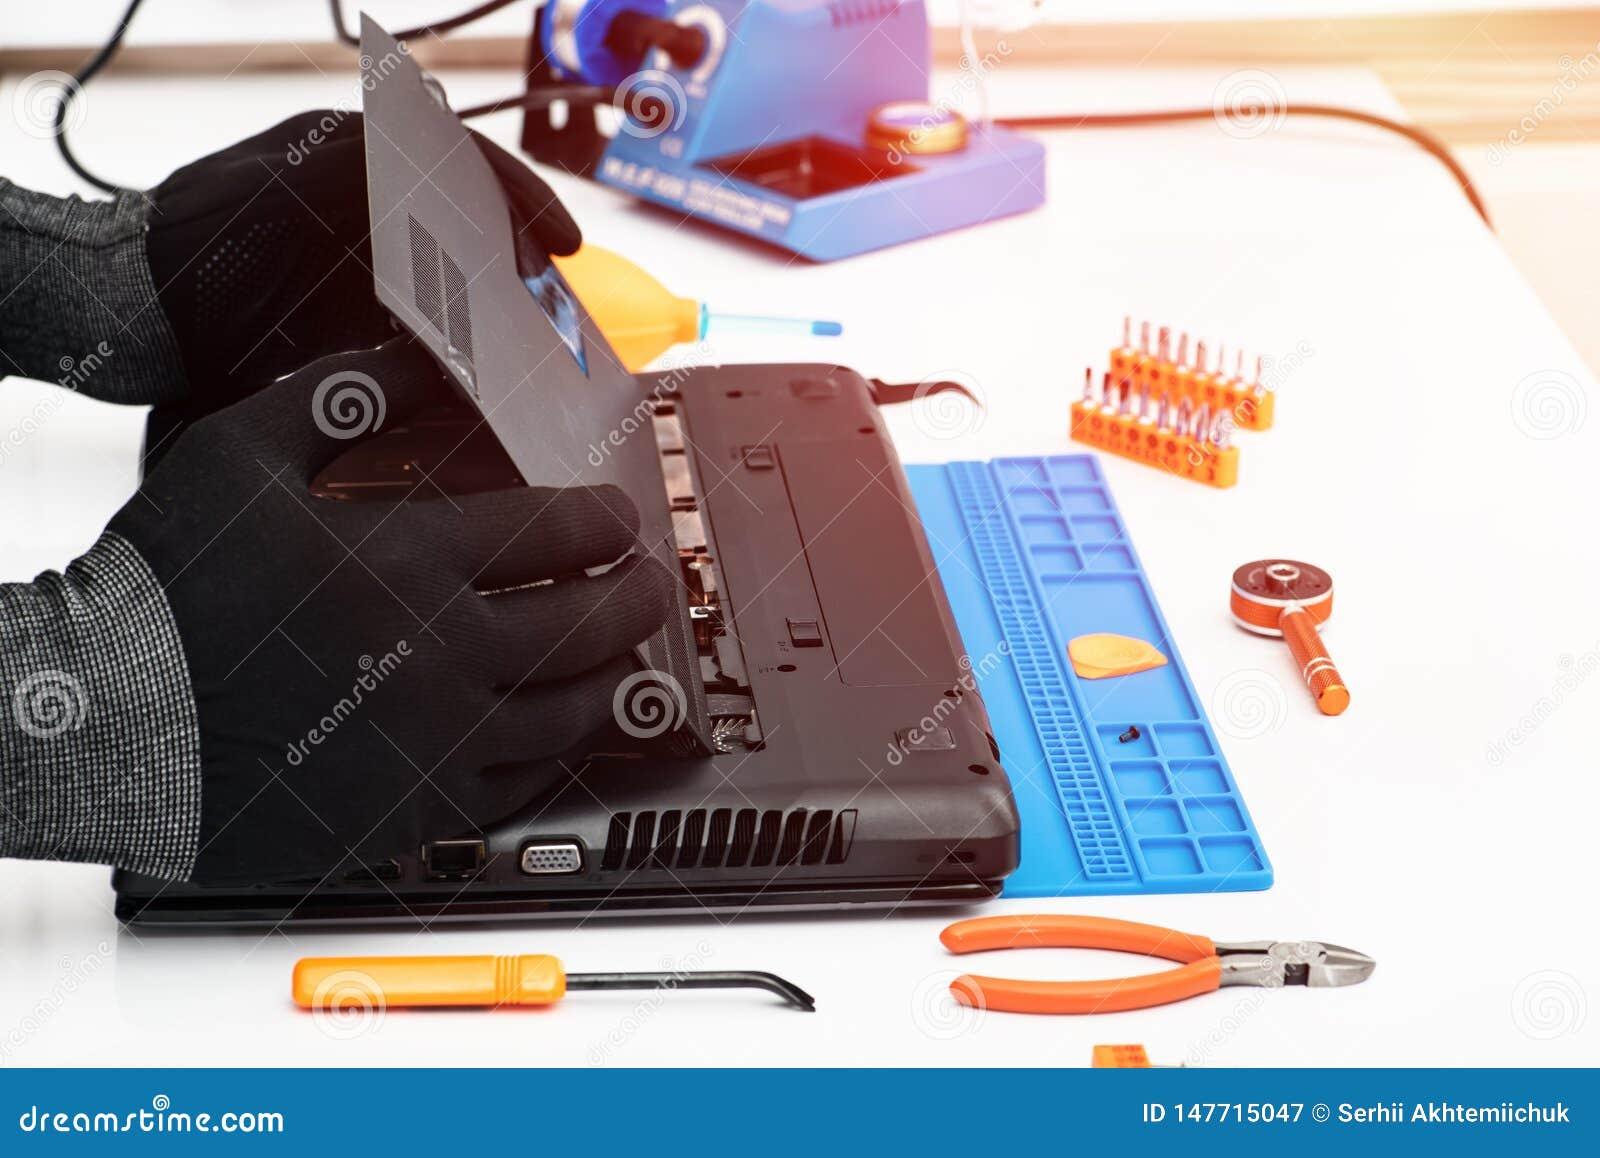 Ο μηχανικός αποσυναρμολογεί τις λεπτομέρειες ενός σπασμένου lap-top για την επισκευή